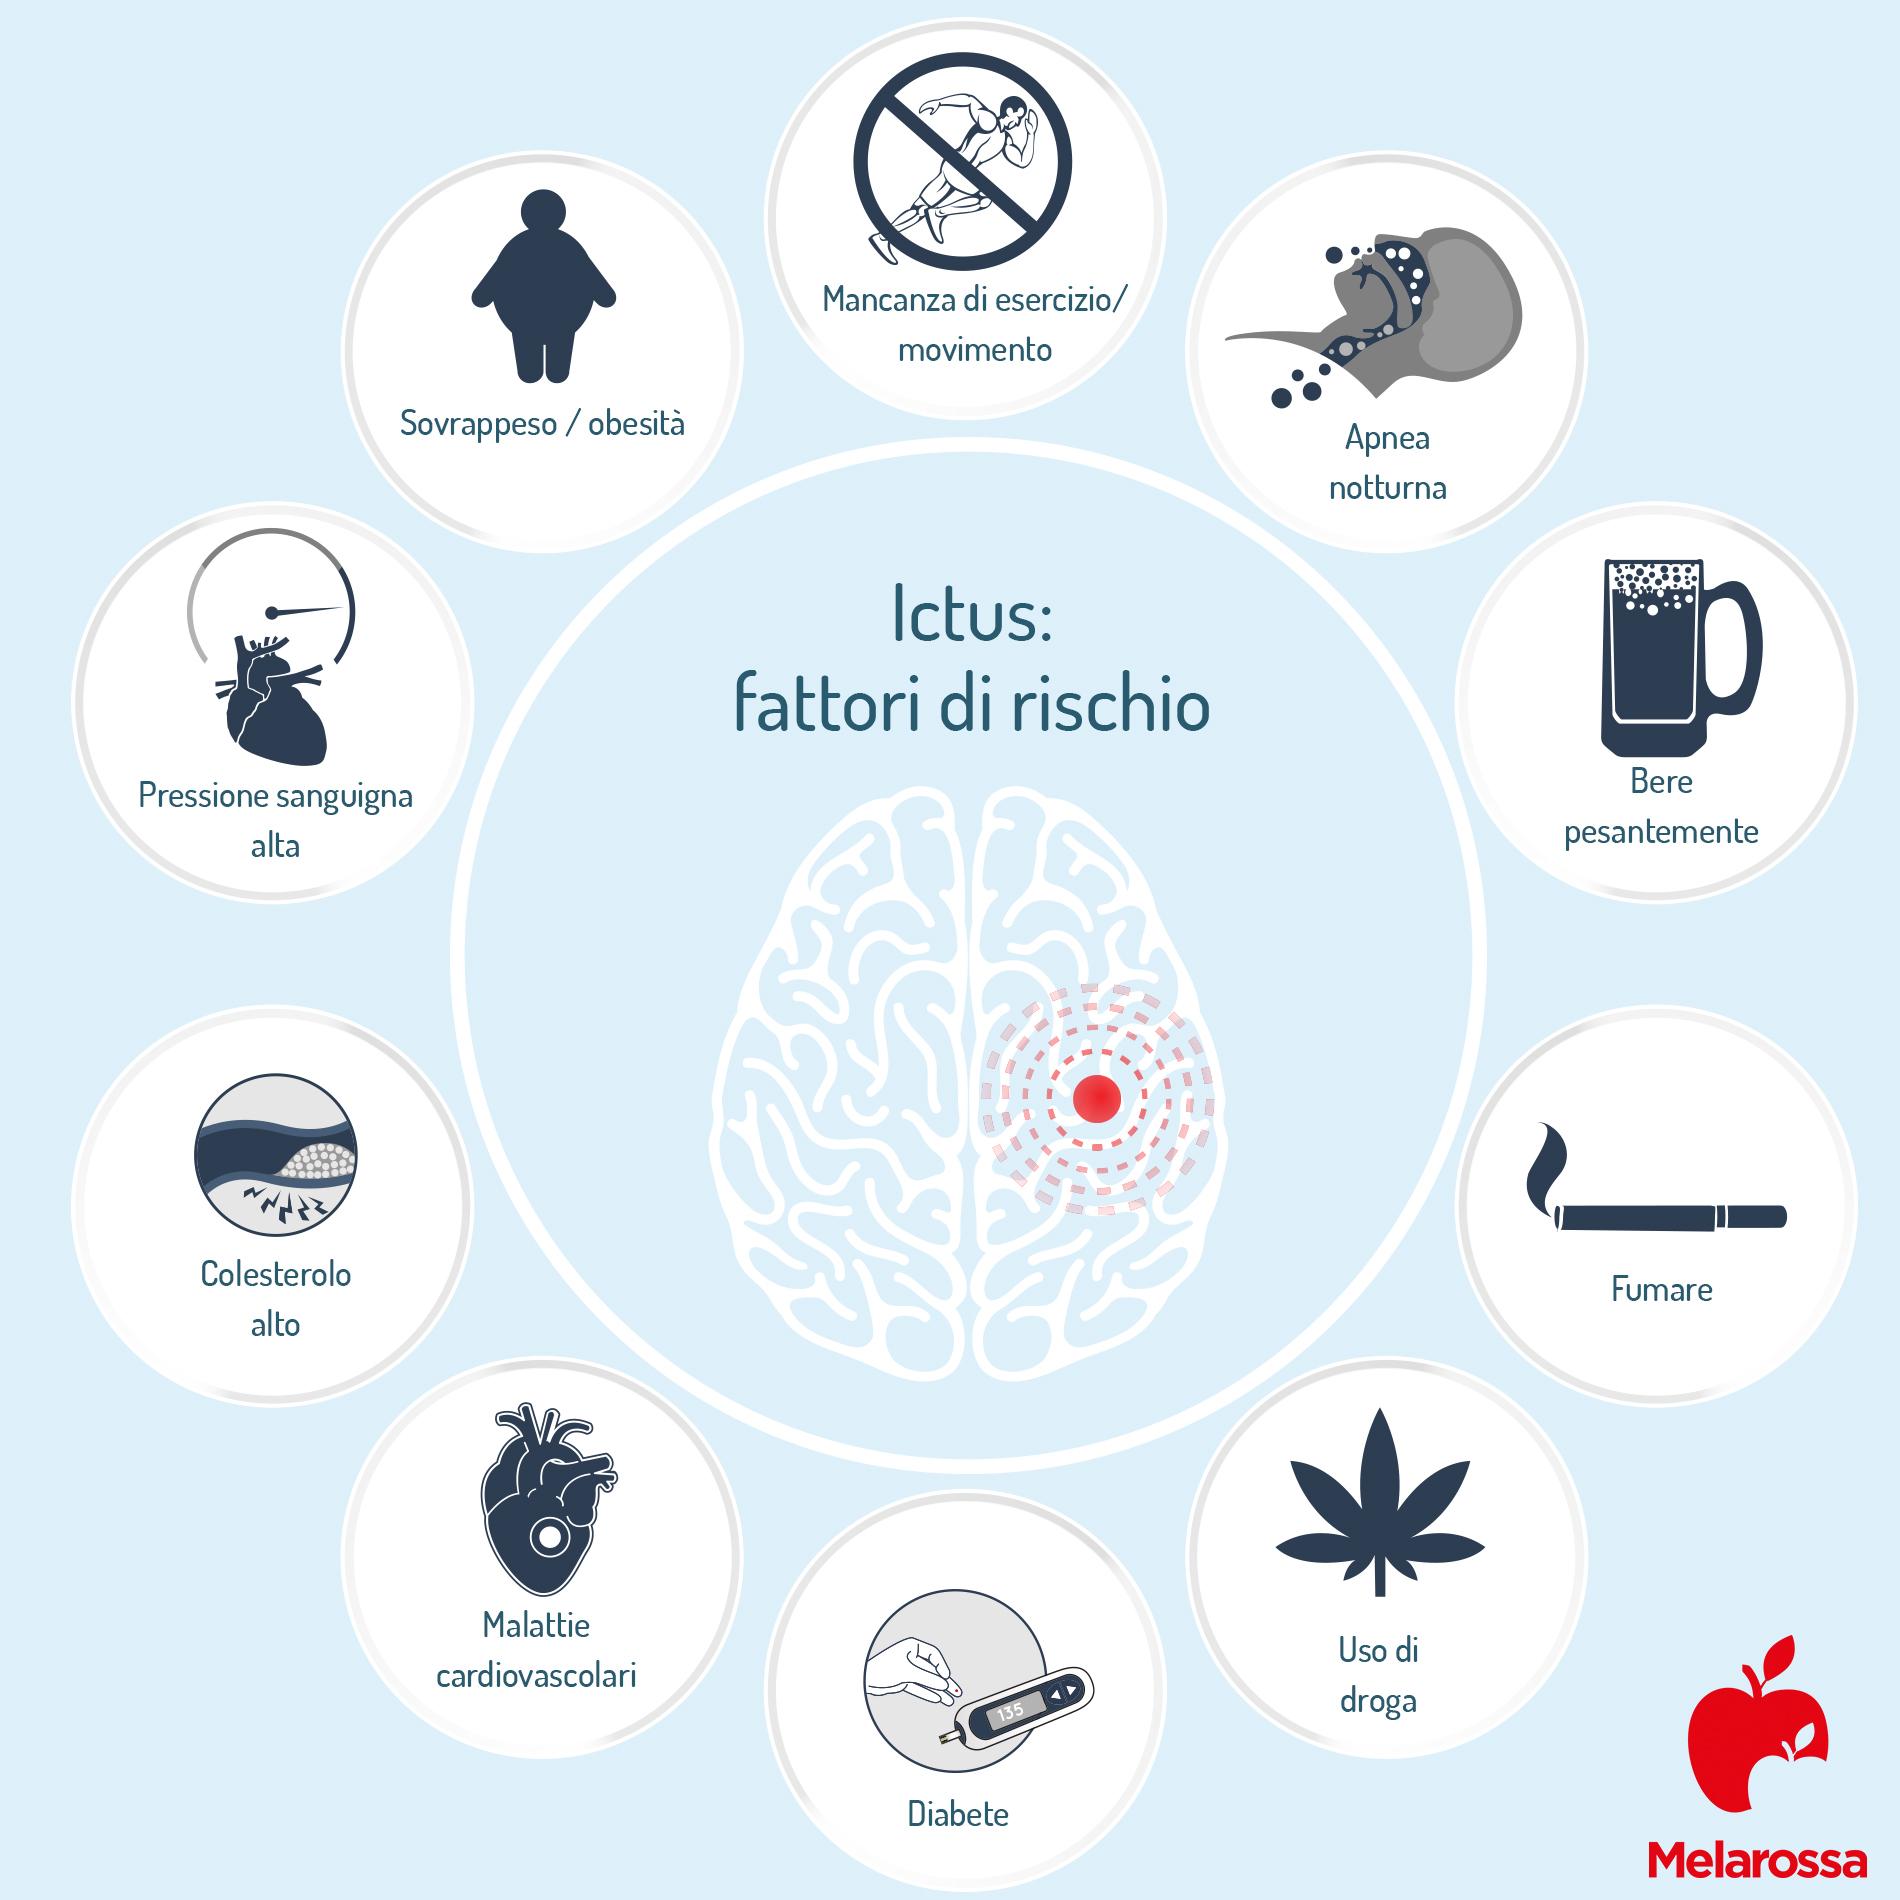 Ictus: fattori